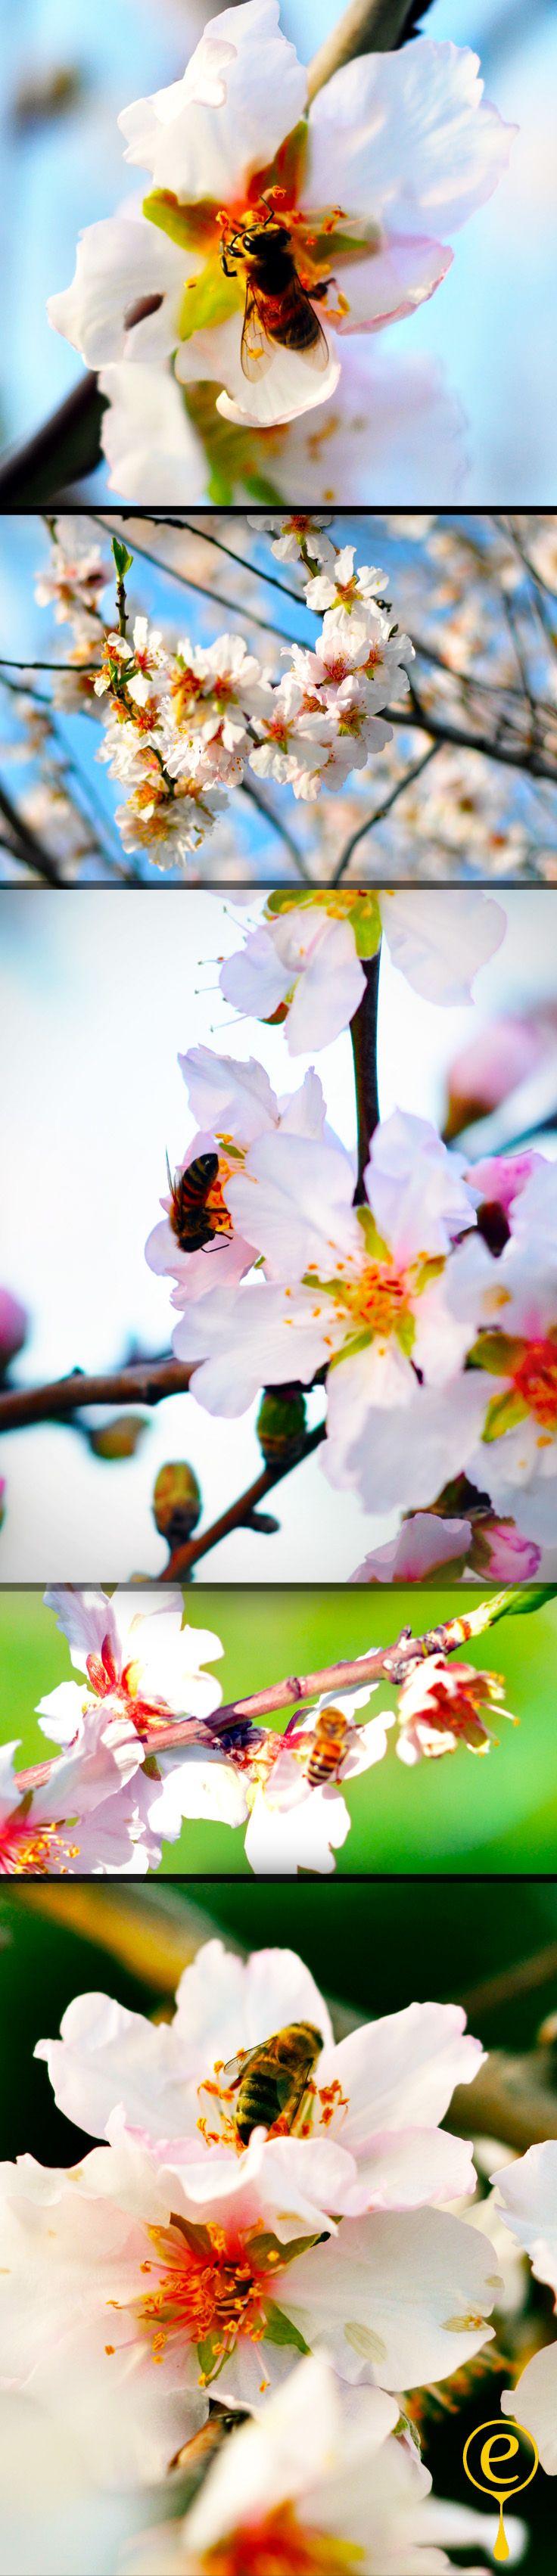 almond blossom, datca, baharın müjdecisi badem çiçeklerinin arılarla dansı. egegourmet.com